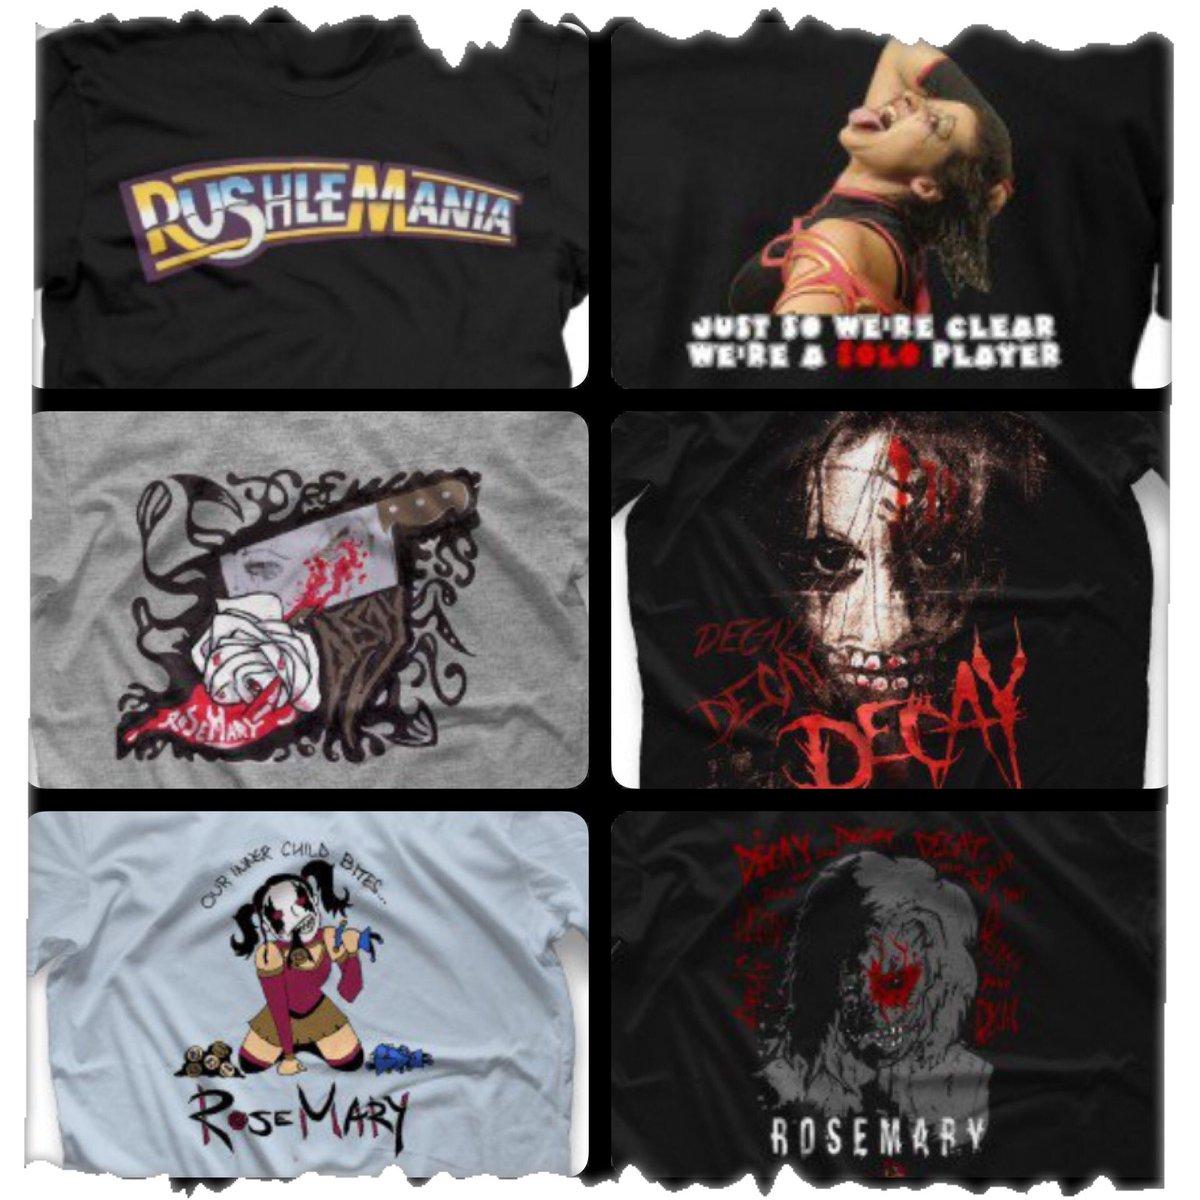 TNA_Rosemary photo